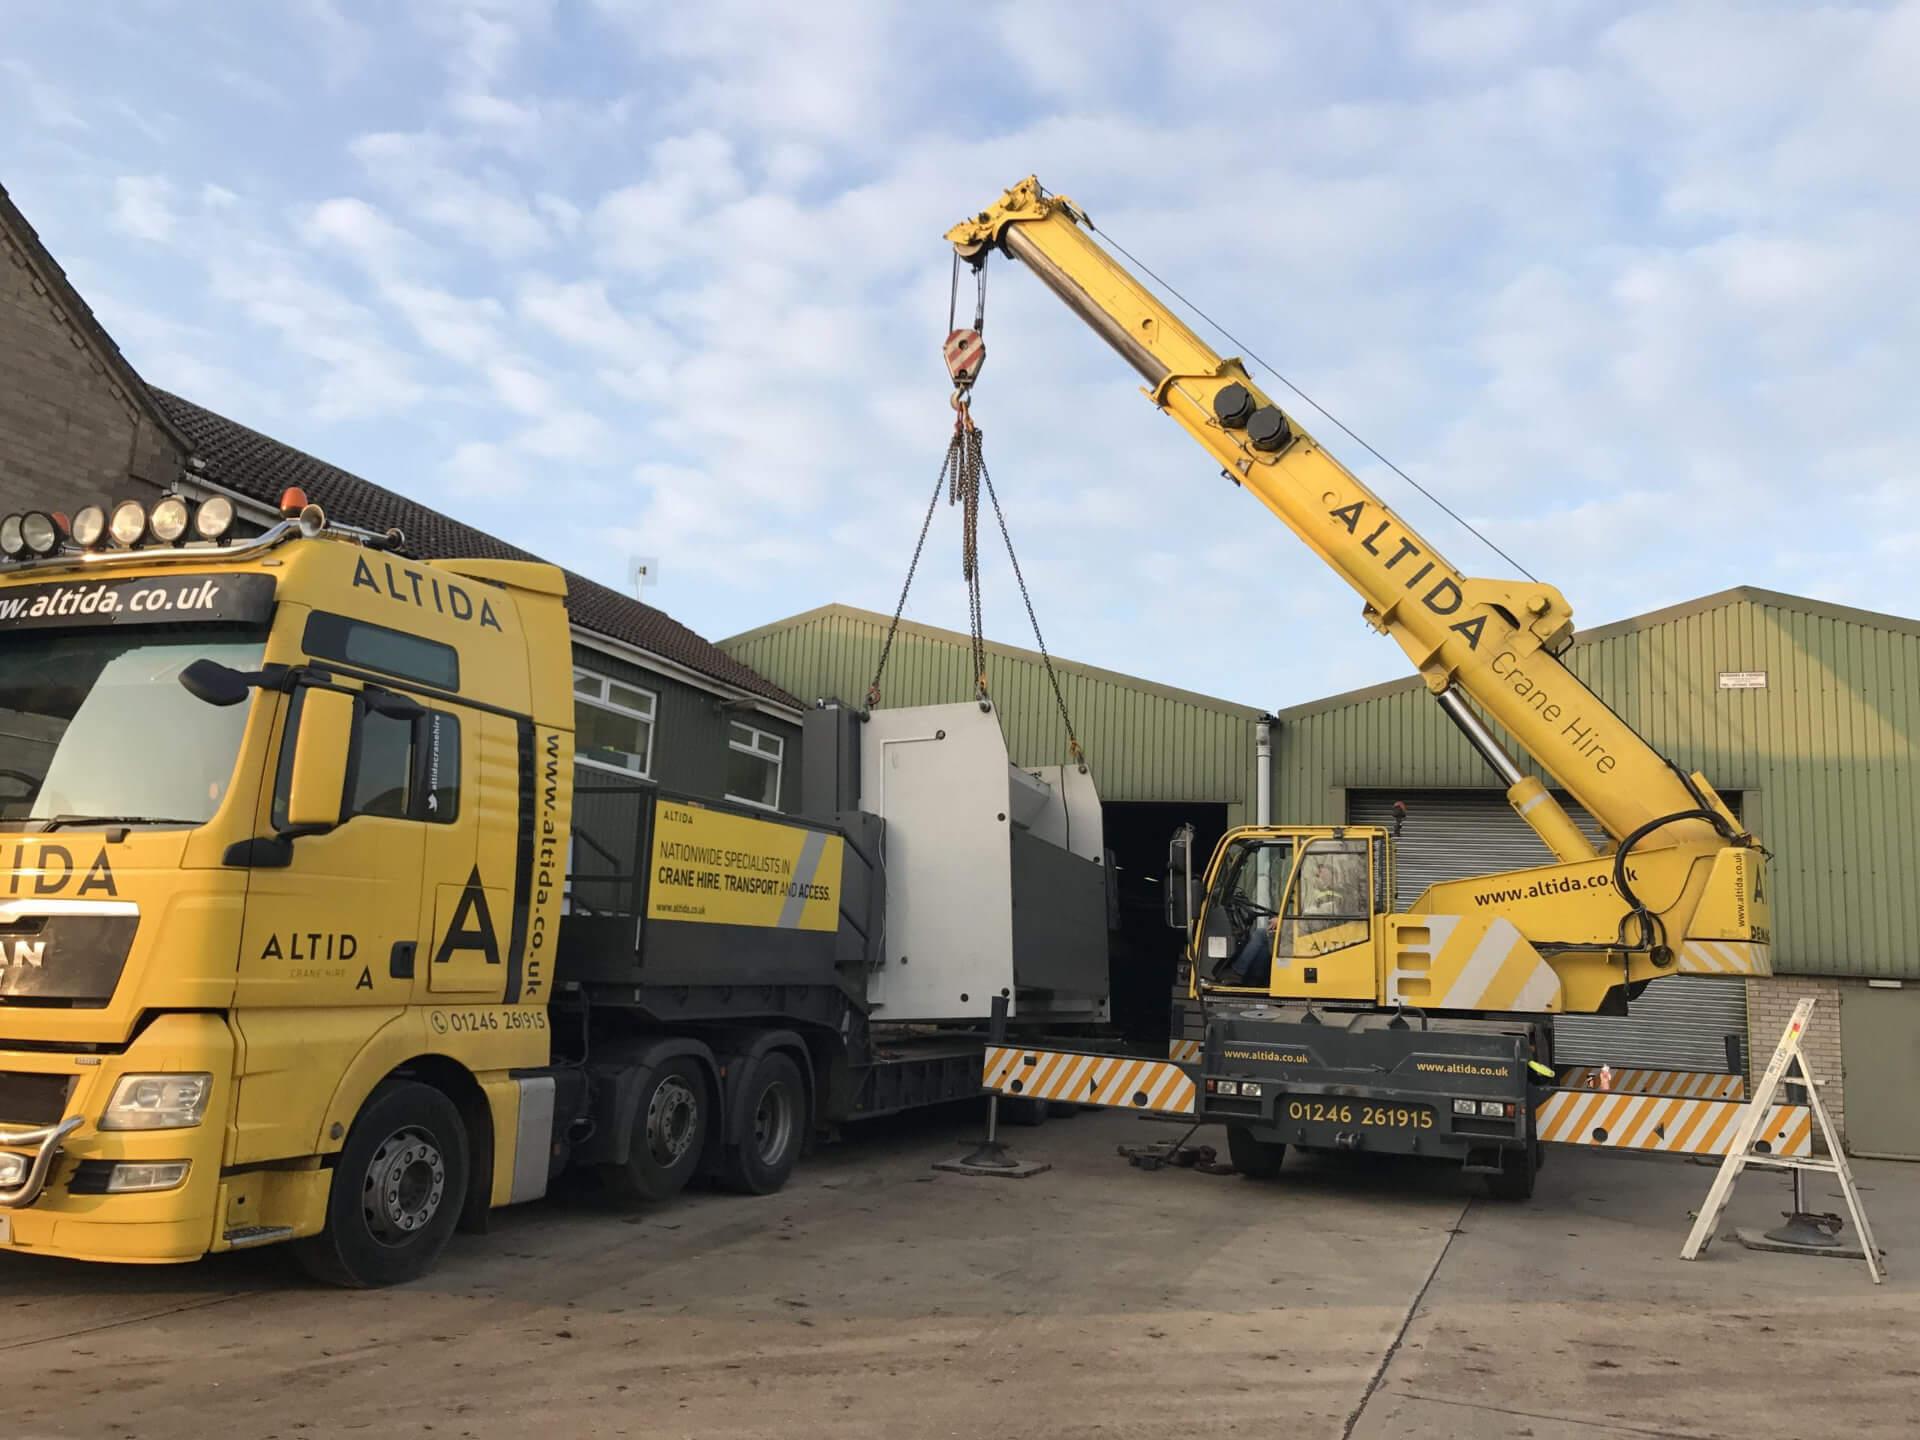 Mobile Crane Hire 2 Altida